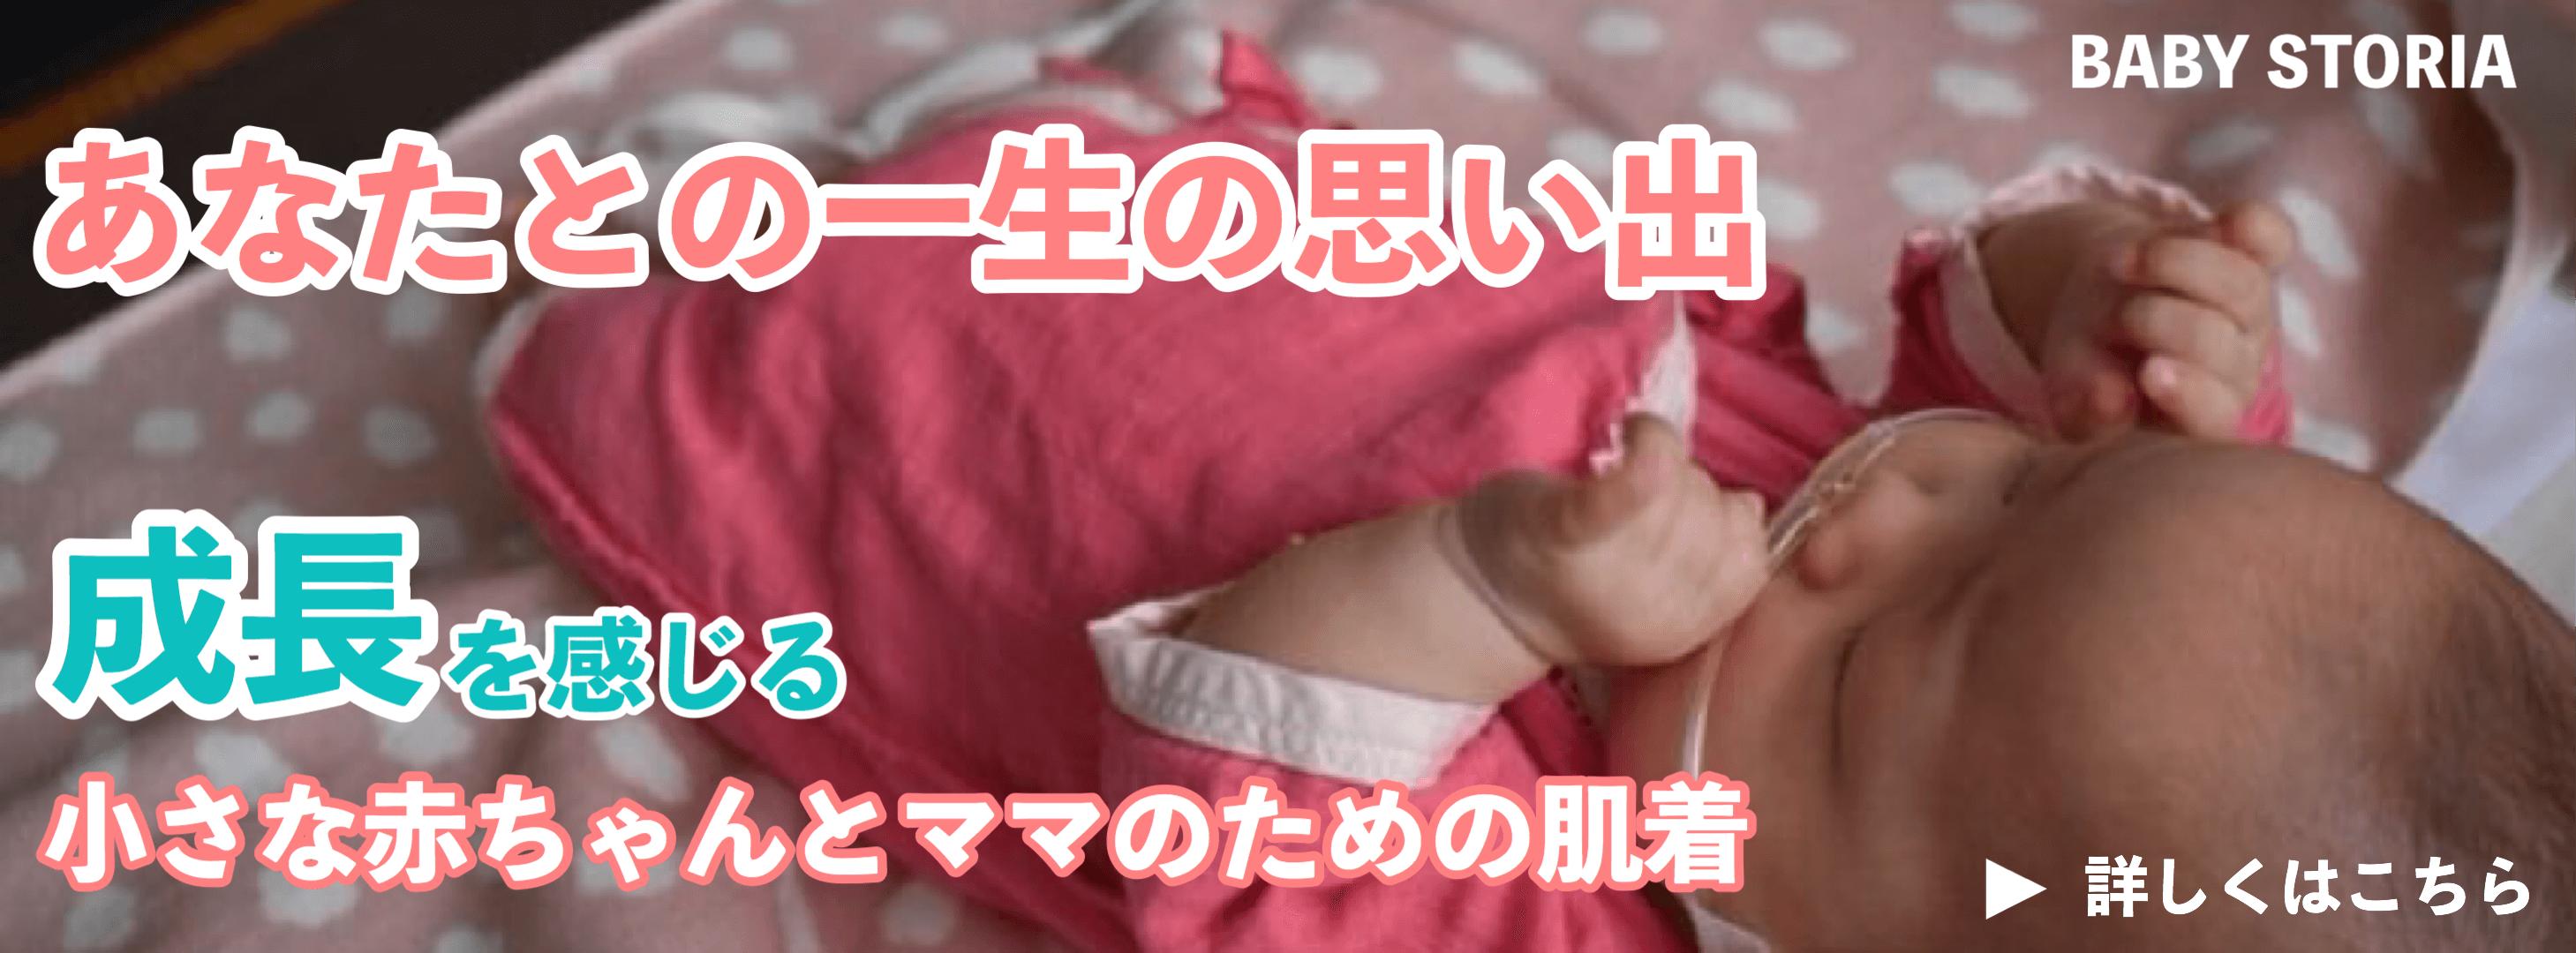 未熟児|低出生体重児|早産で生まれた小さな赤ちゃんとNICUで過ごすママのために赤ちゃんの成長を感じられる肌着の通販サイト